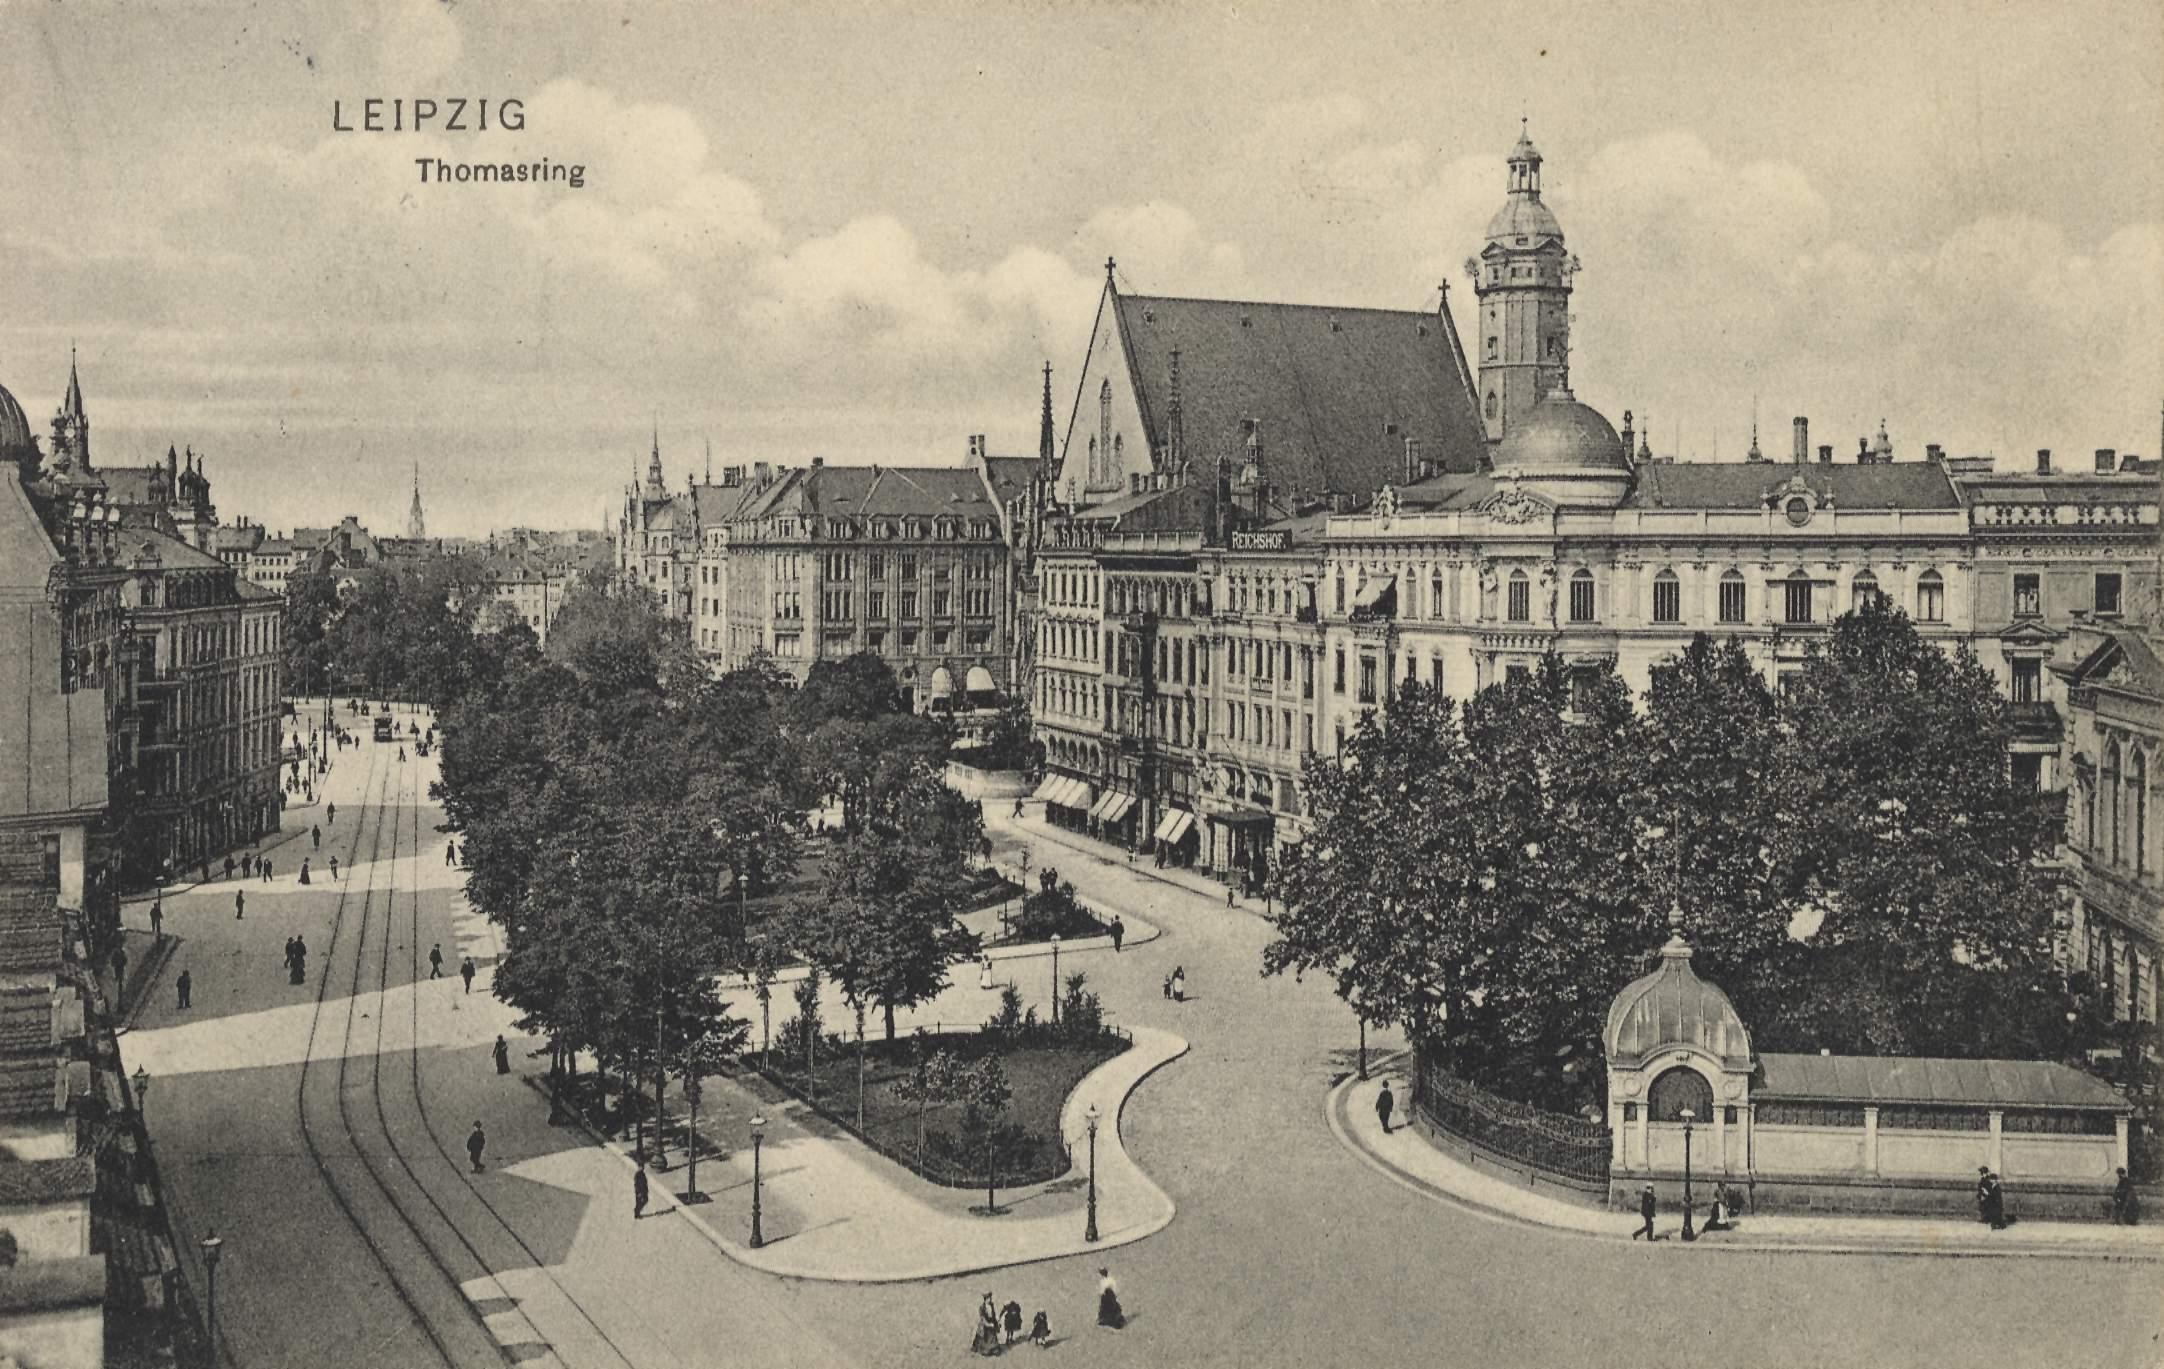 старый фото лейпциг